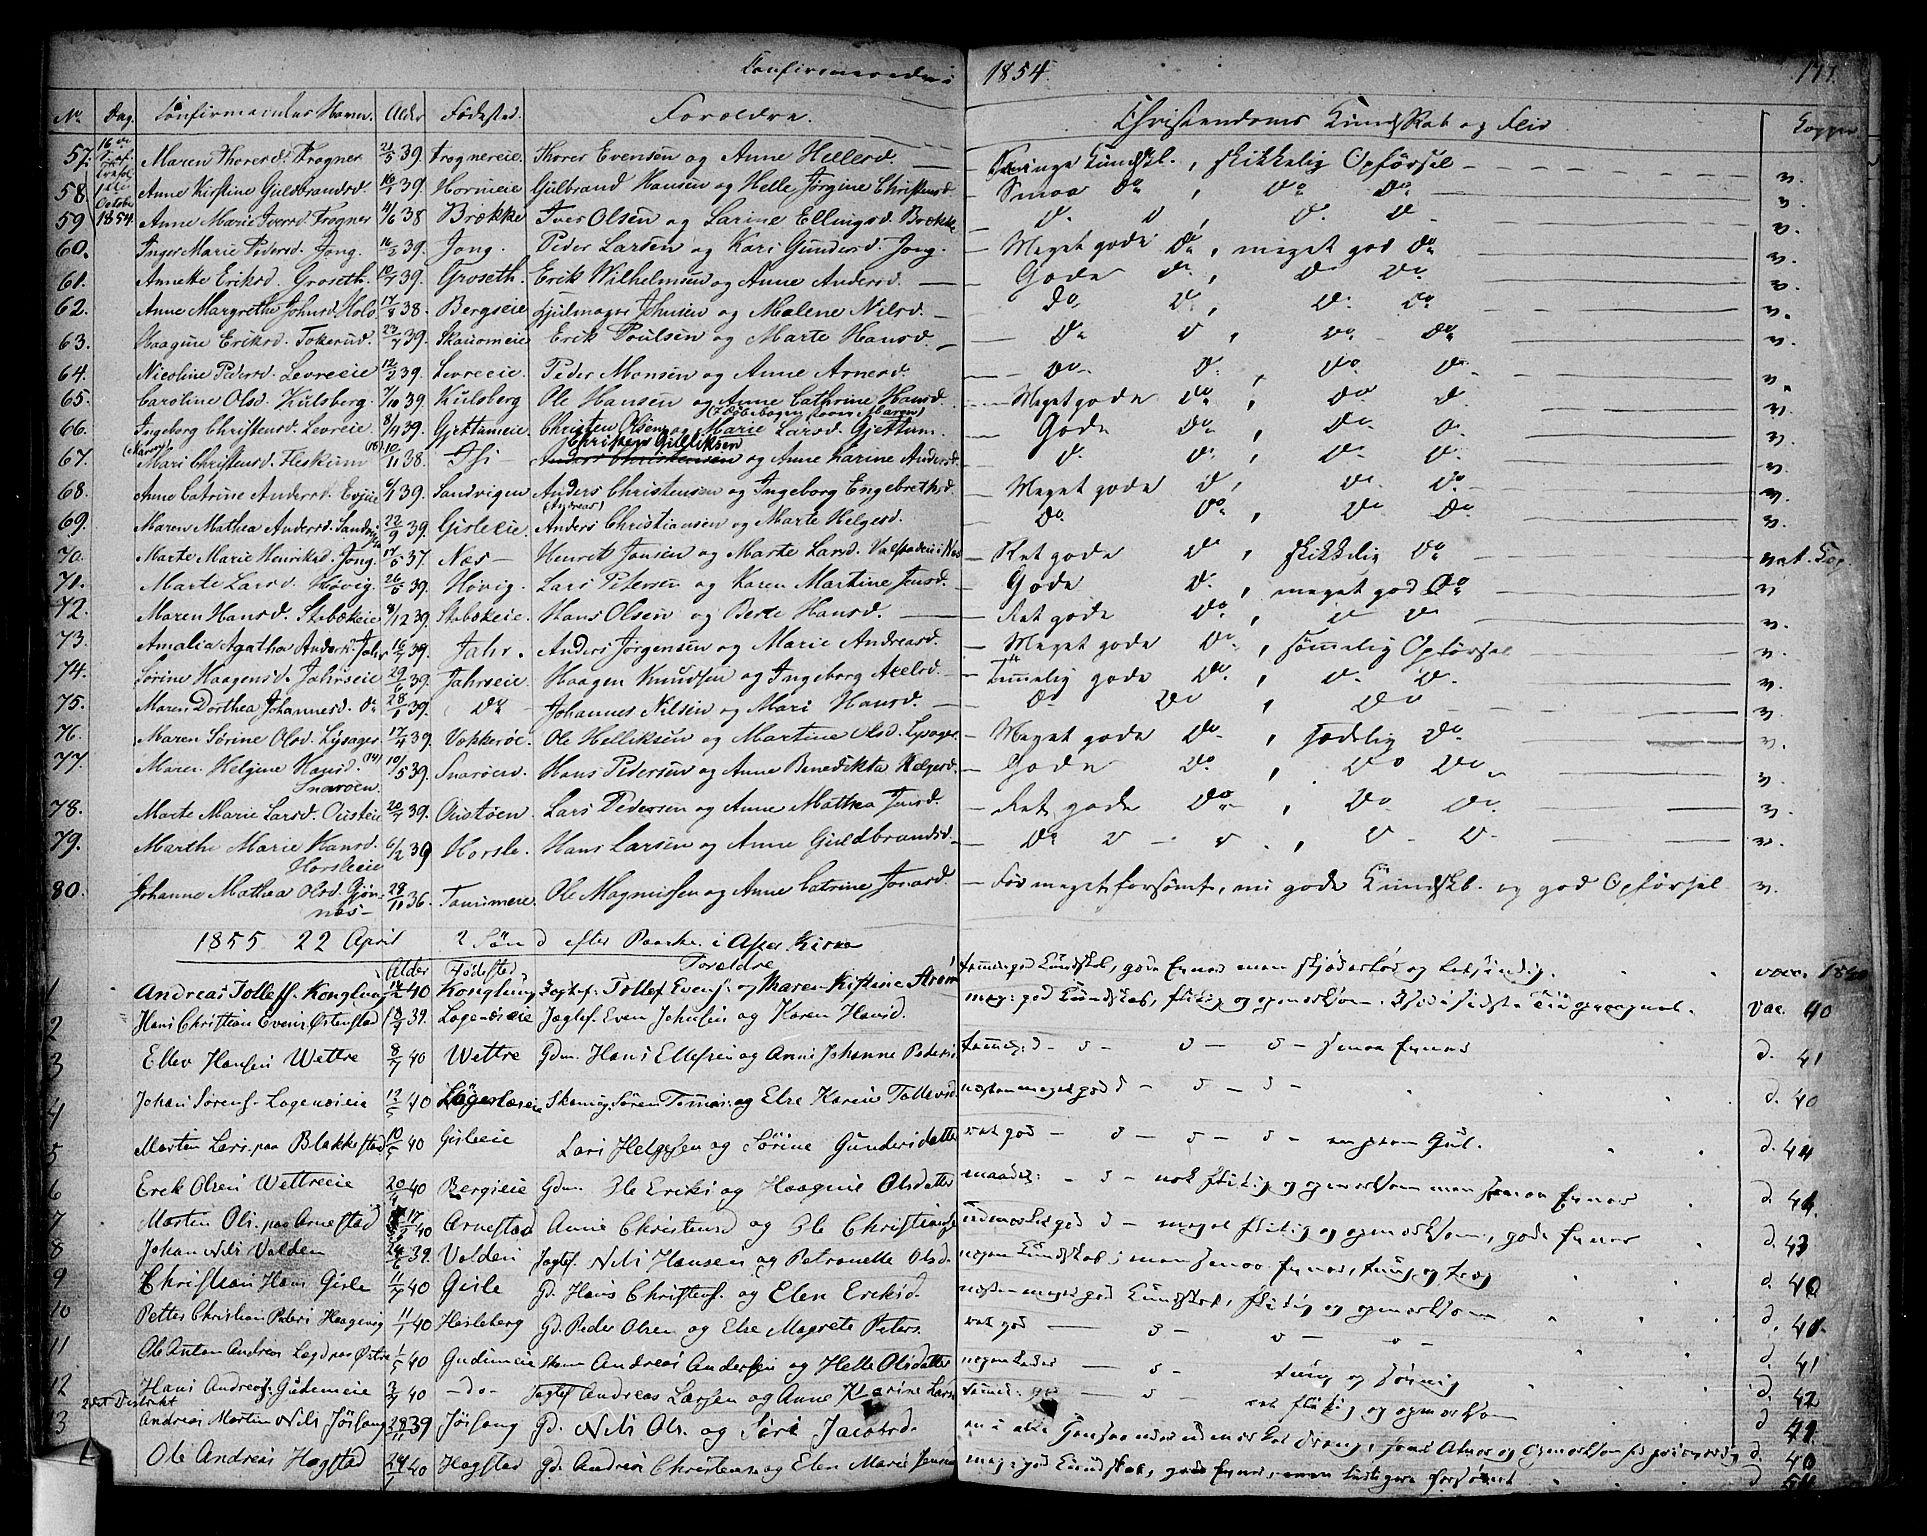 SAO, Asker prestekontor Kirkebøker, F/Fa/L0009: Ministerialbok nr. I 9, 1825-1878, s. 177